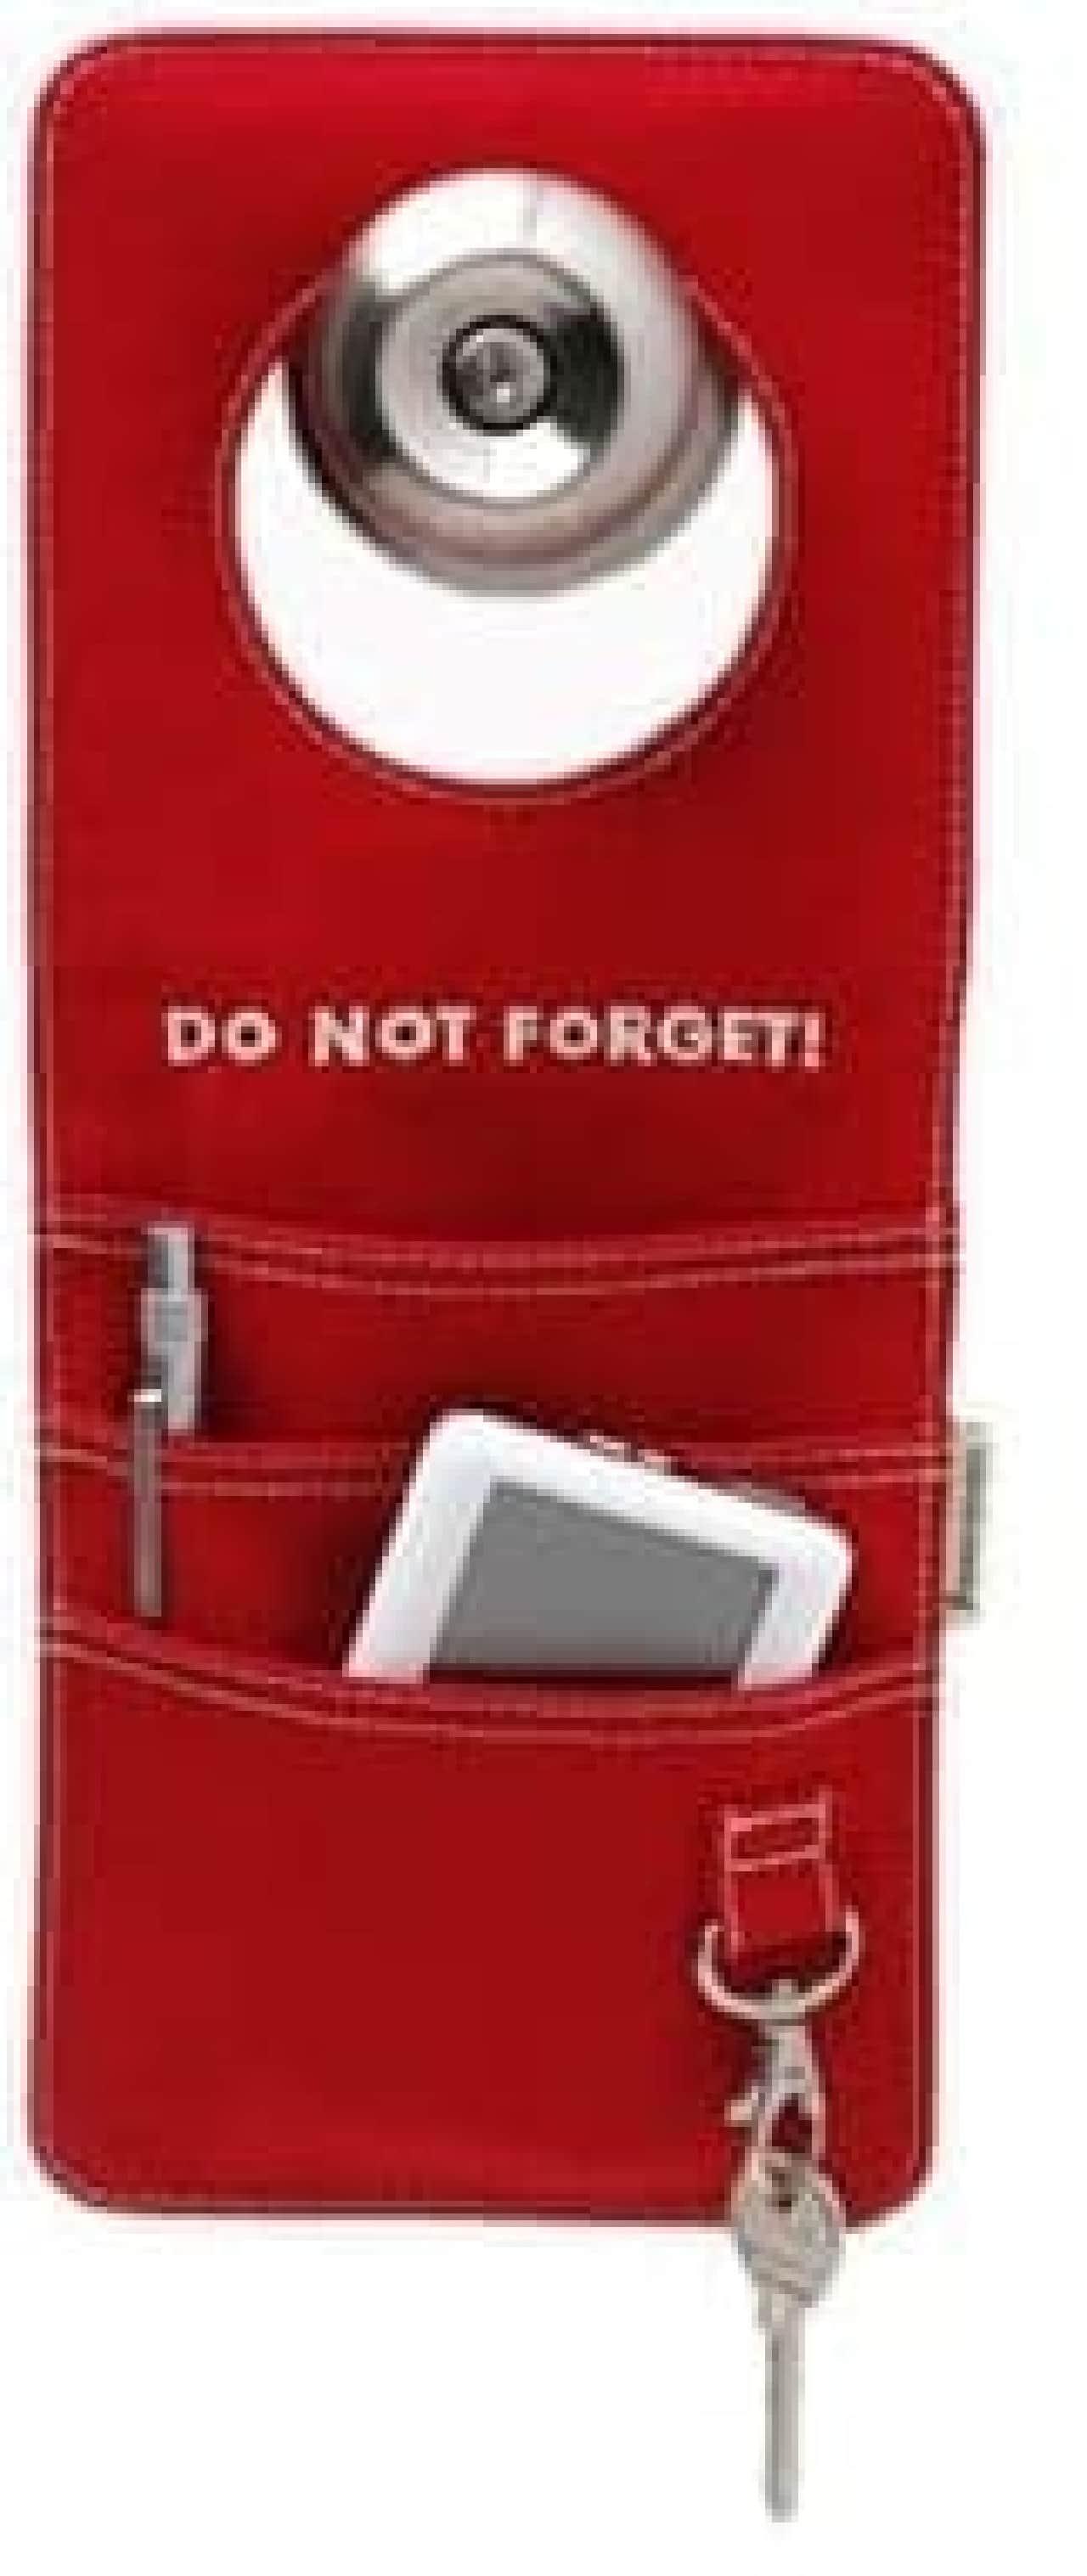 出掛けるときの持ち物を忘れない「Doorganizer」